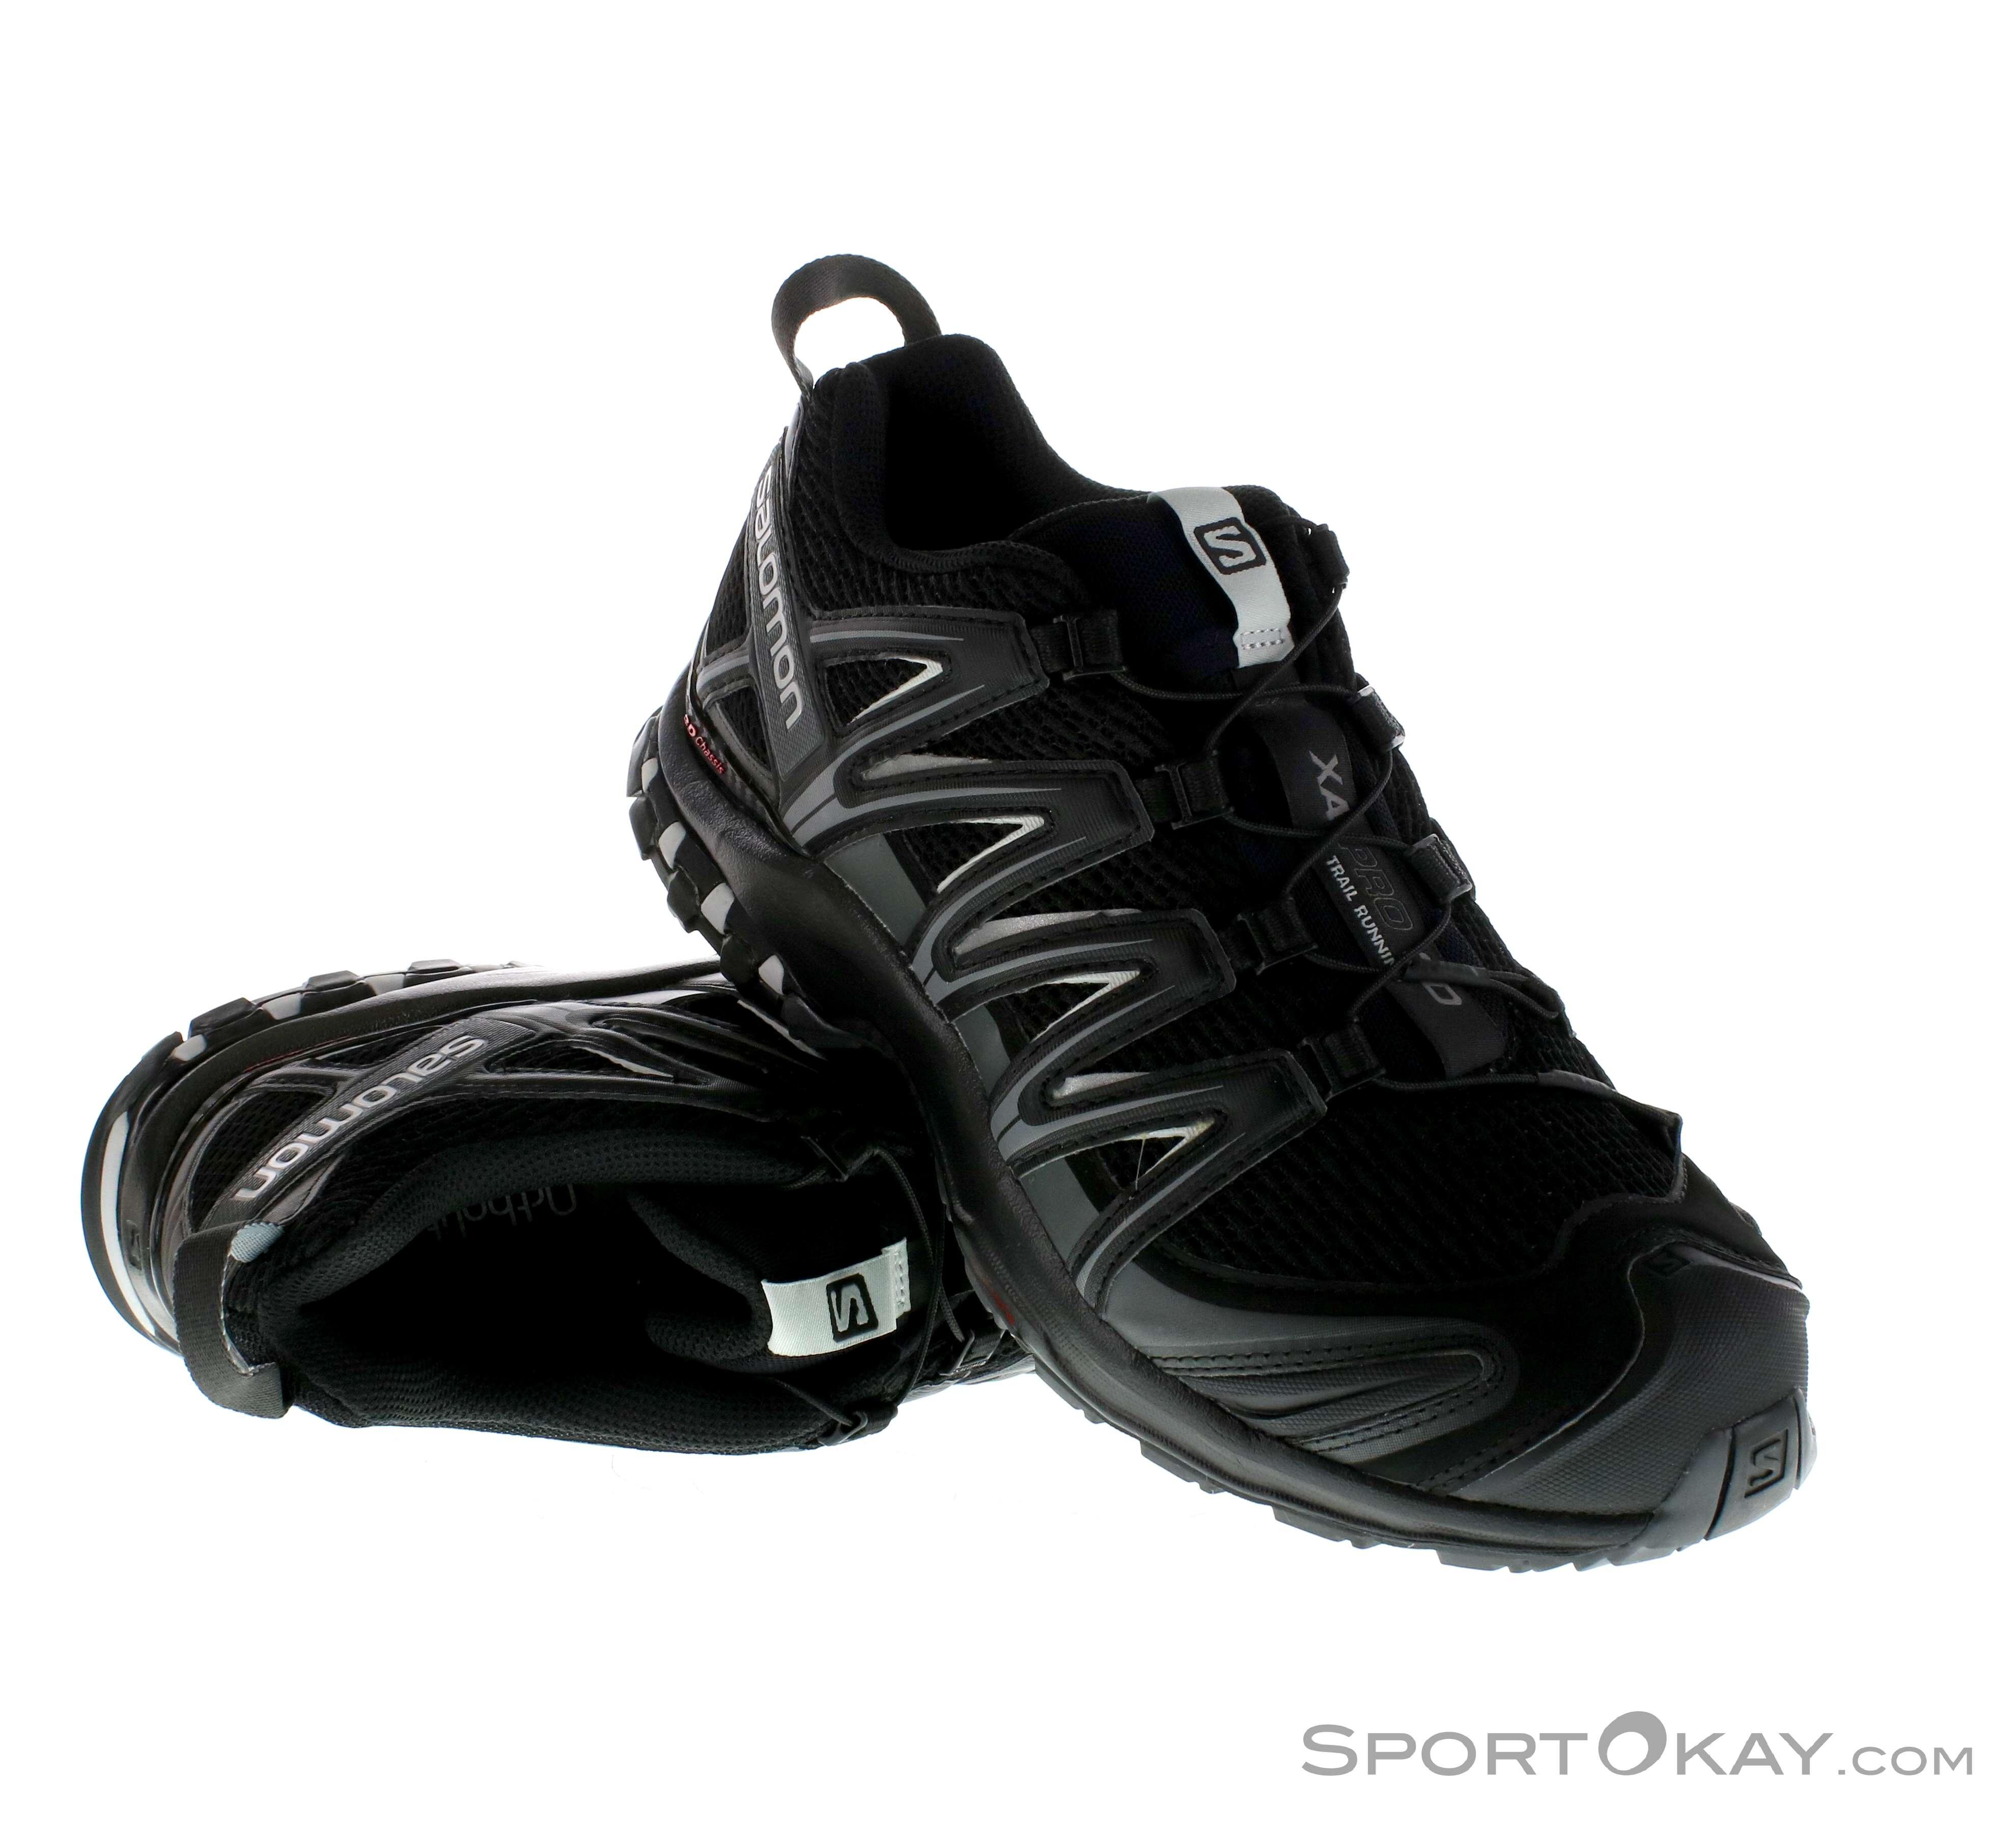 Xa 3d Pro Salomon Running Uomo Scarpe Da Trail mO8vNn0w